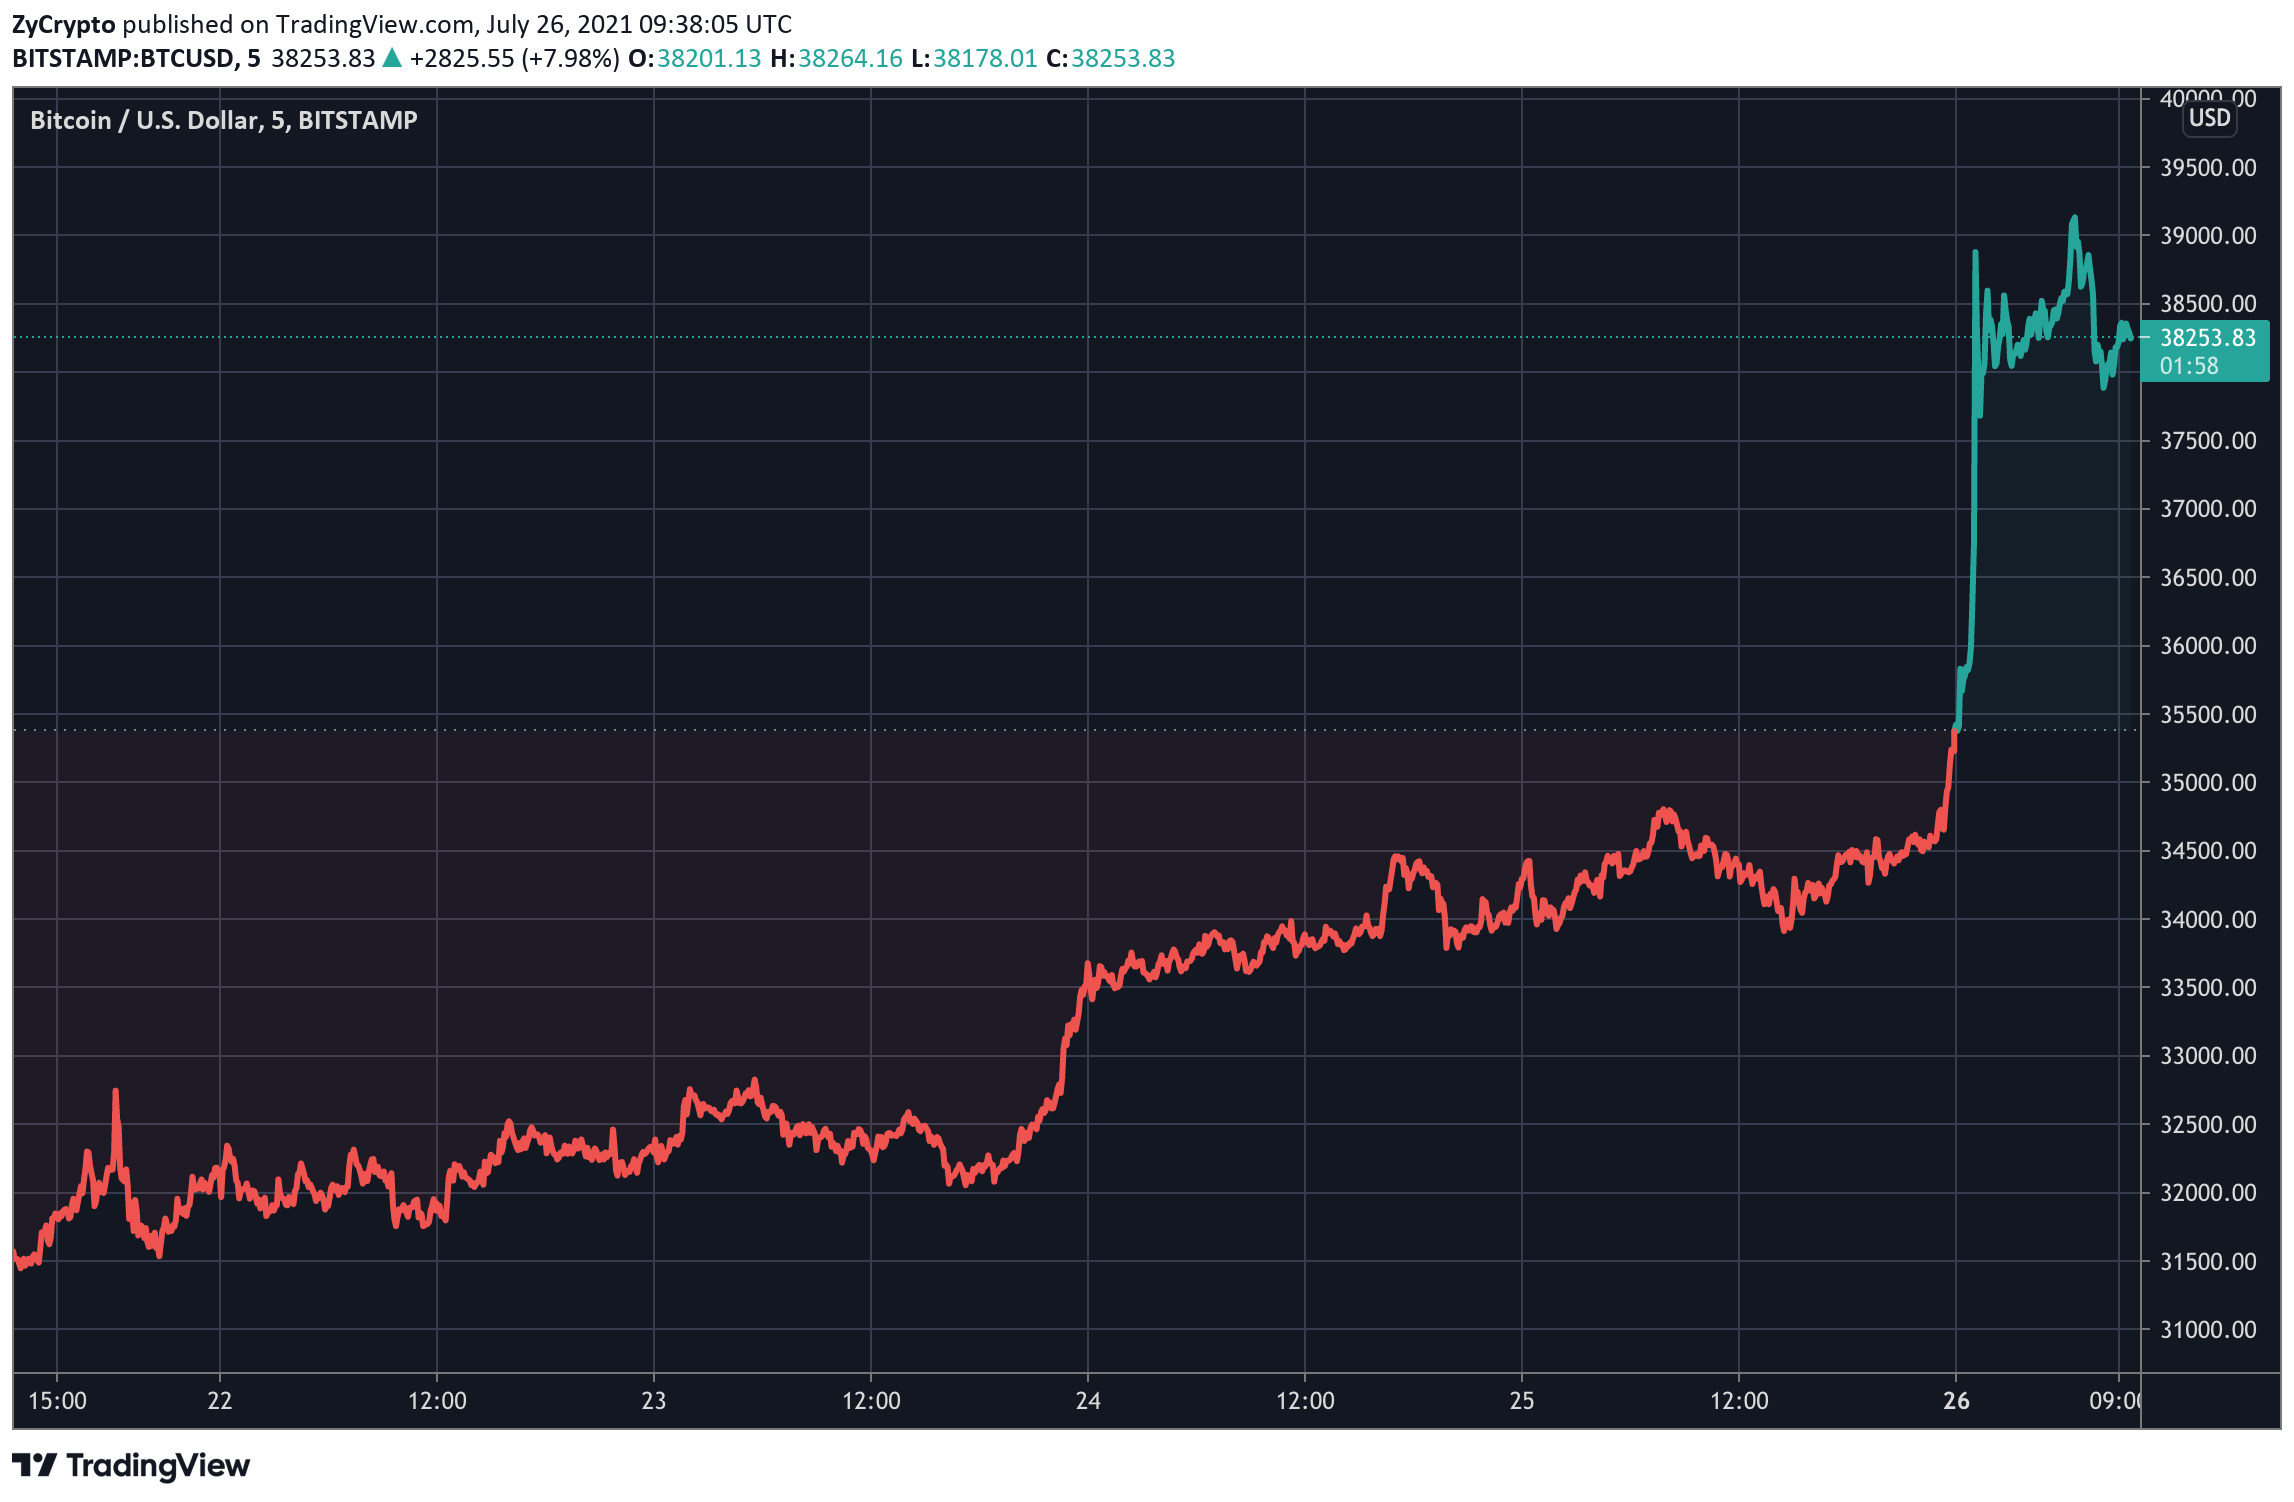 Bitcoin (BTC) aumentó 11% y Amazon podría tener algo que ver 1